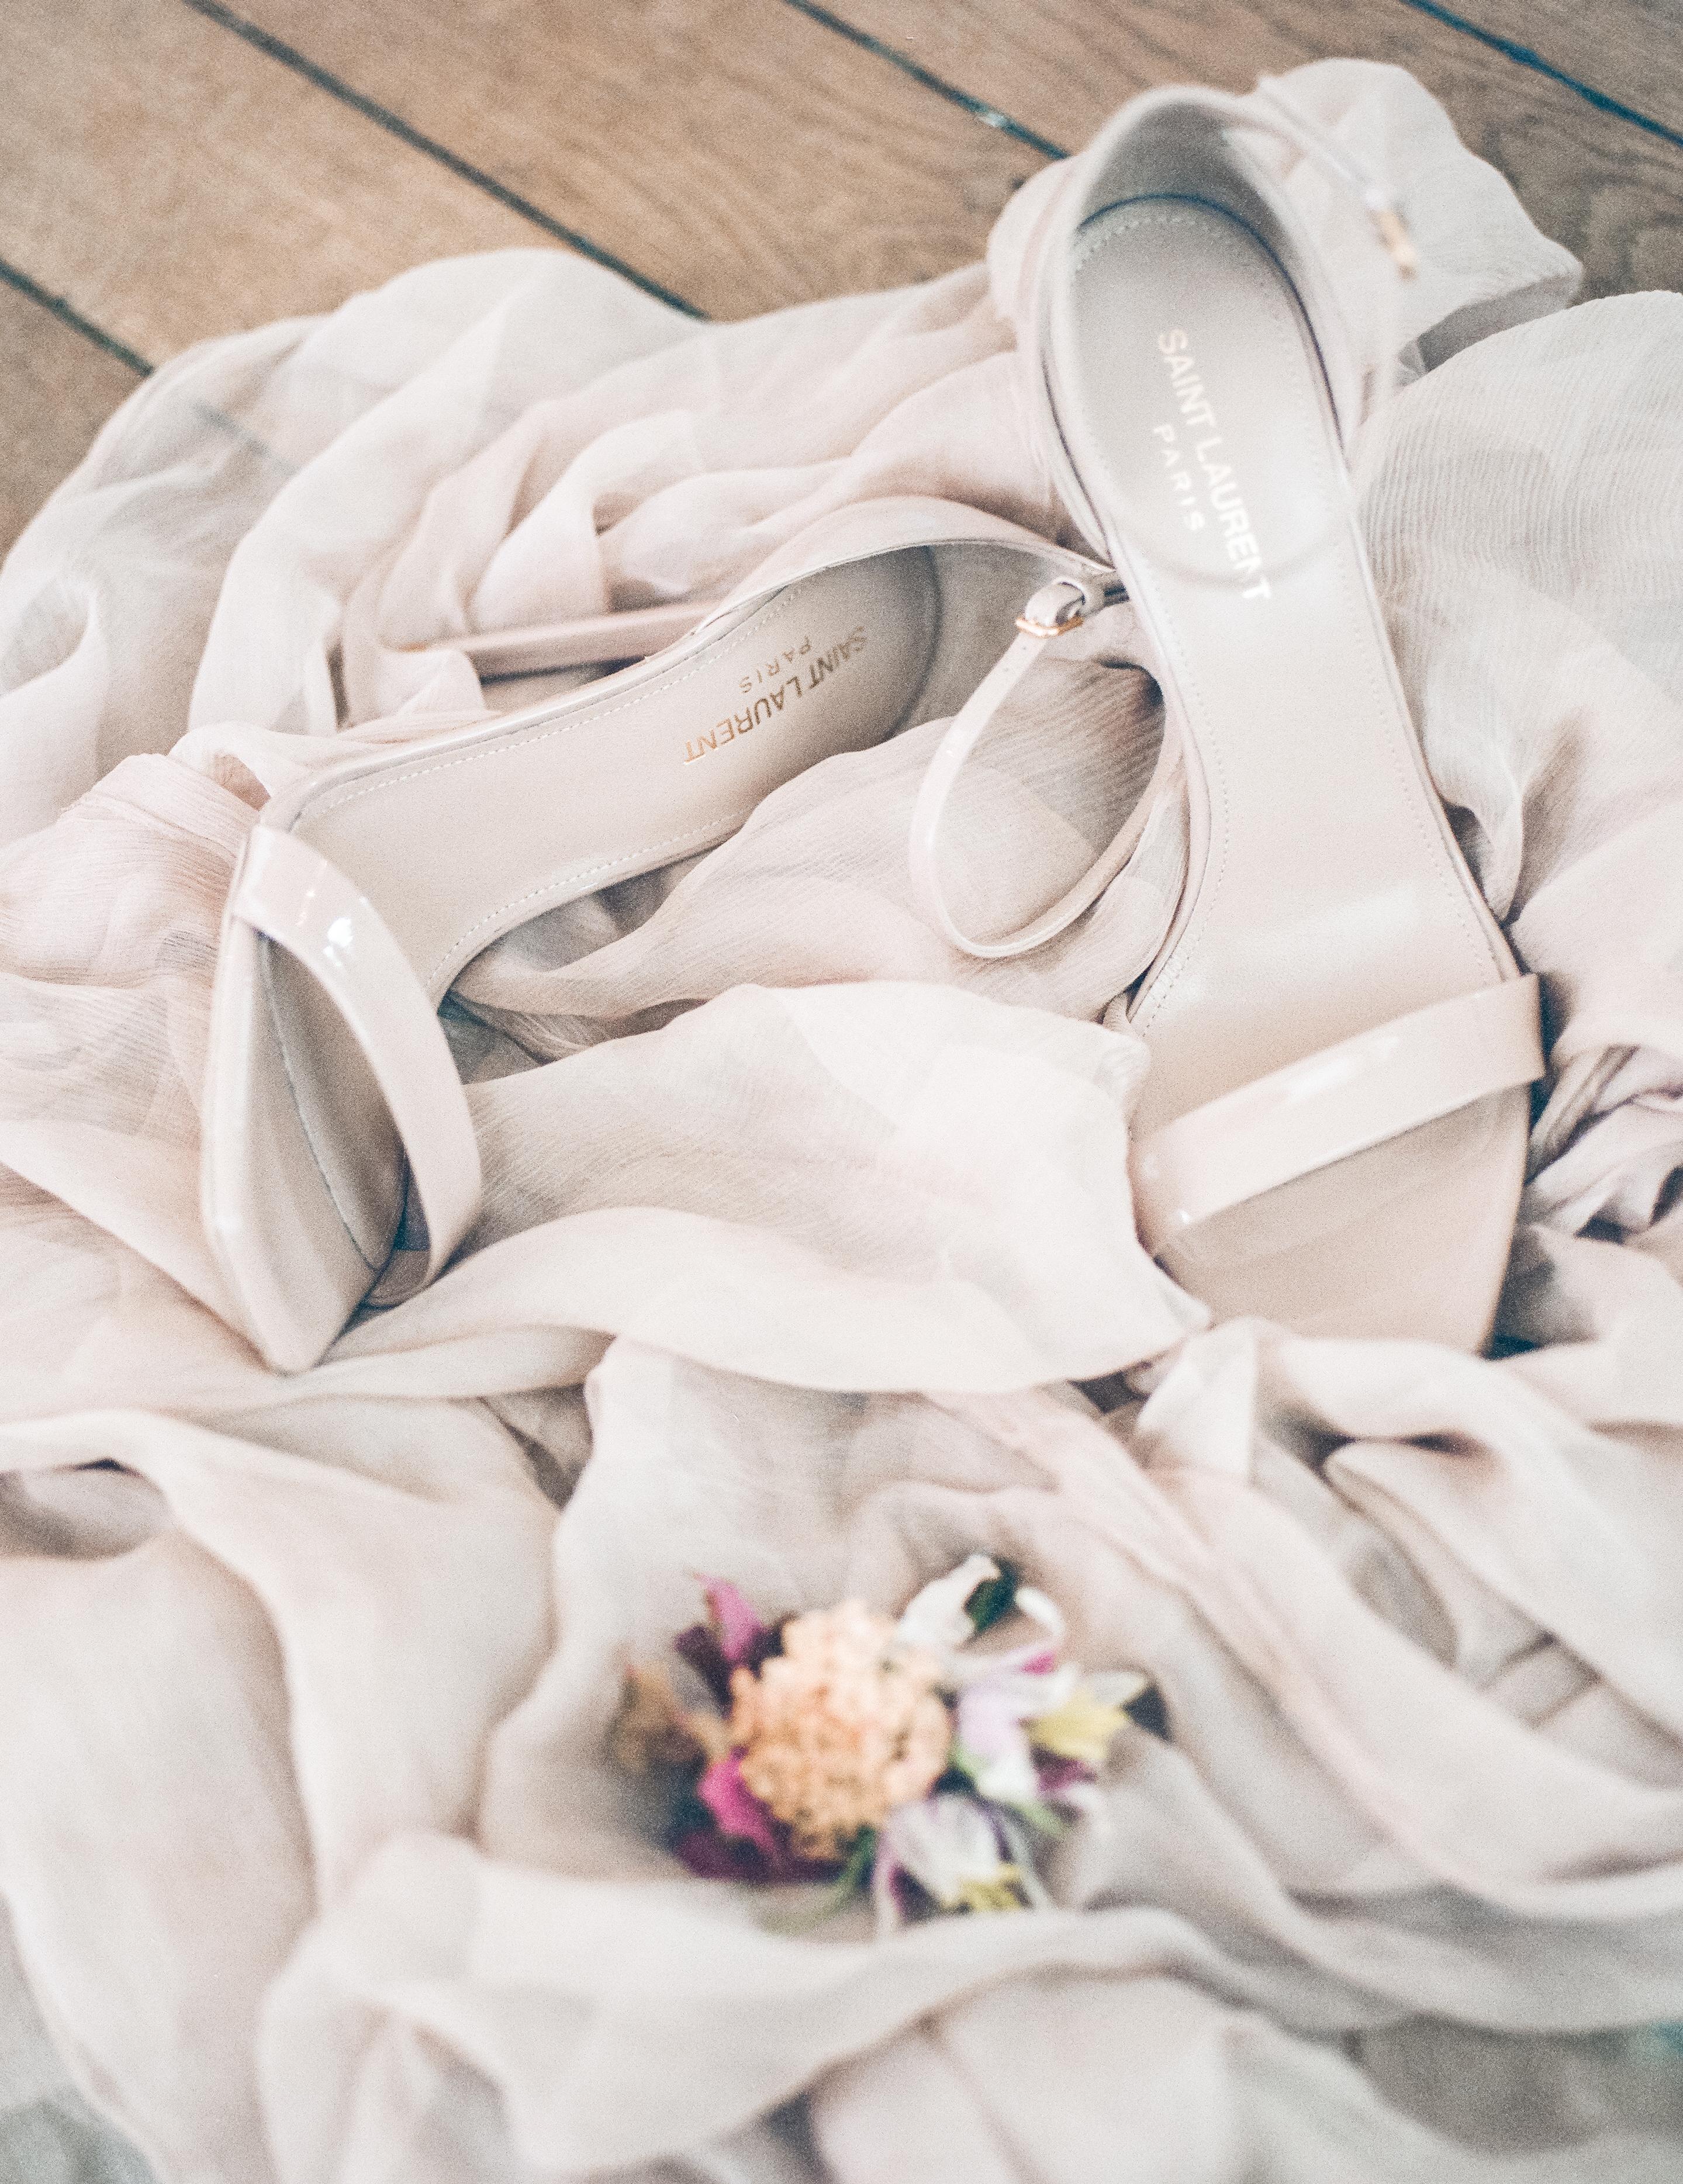 Les Grands Moments - Wedding Planner Paris - Destination Wedding Planner Paris South of France Provence - Luberon